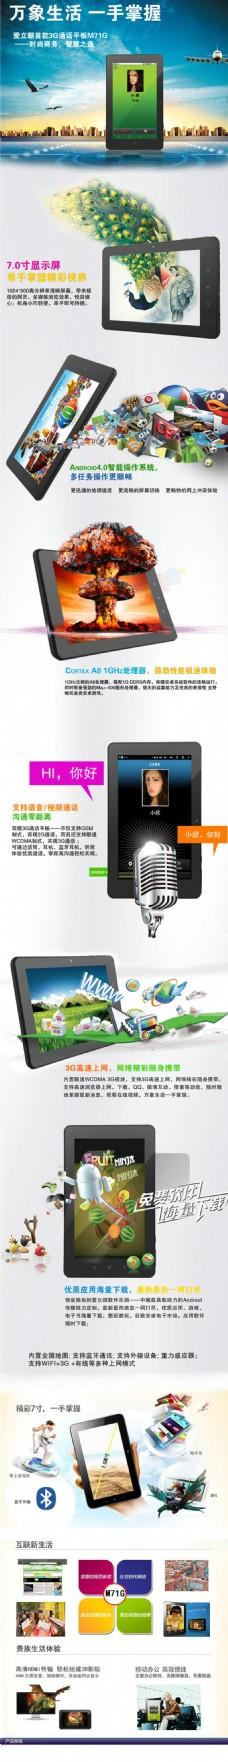 电子产品淘宝电商数码家电详情页模板素材